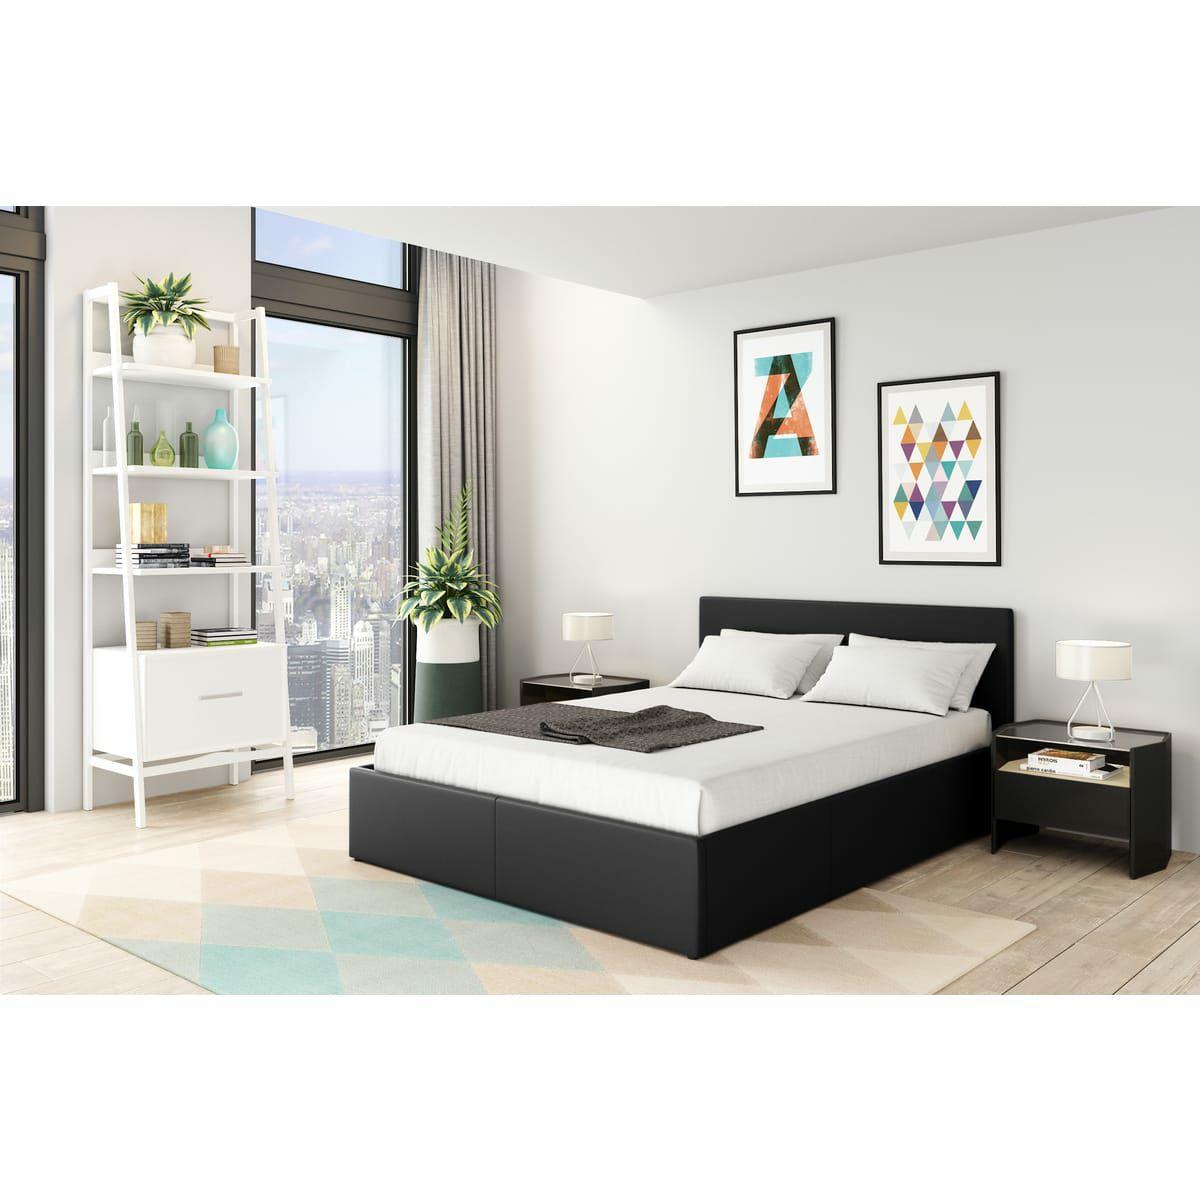 Lit coffre avec sommier inclus avec tête de lit Willow - 140 x 190 cm